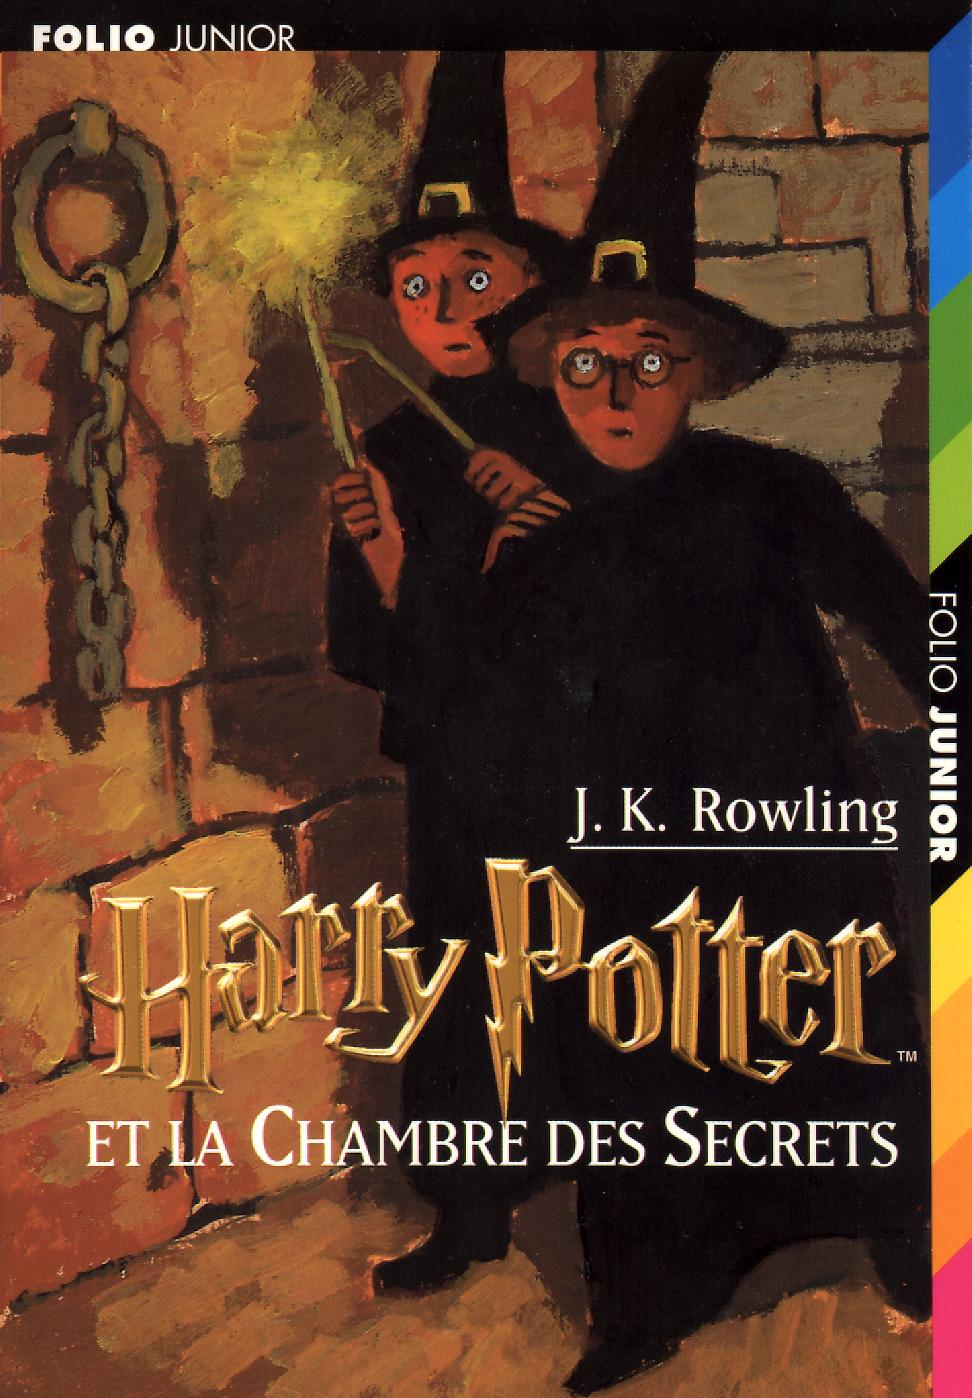 Fichier couverture hp2 fr folio1 jpg wiki harry potter - La chambre des officiers resume du livre ...